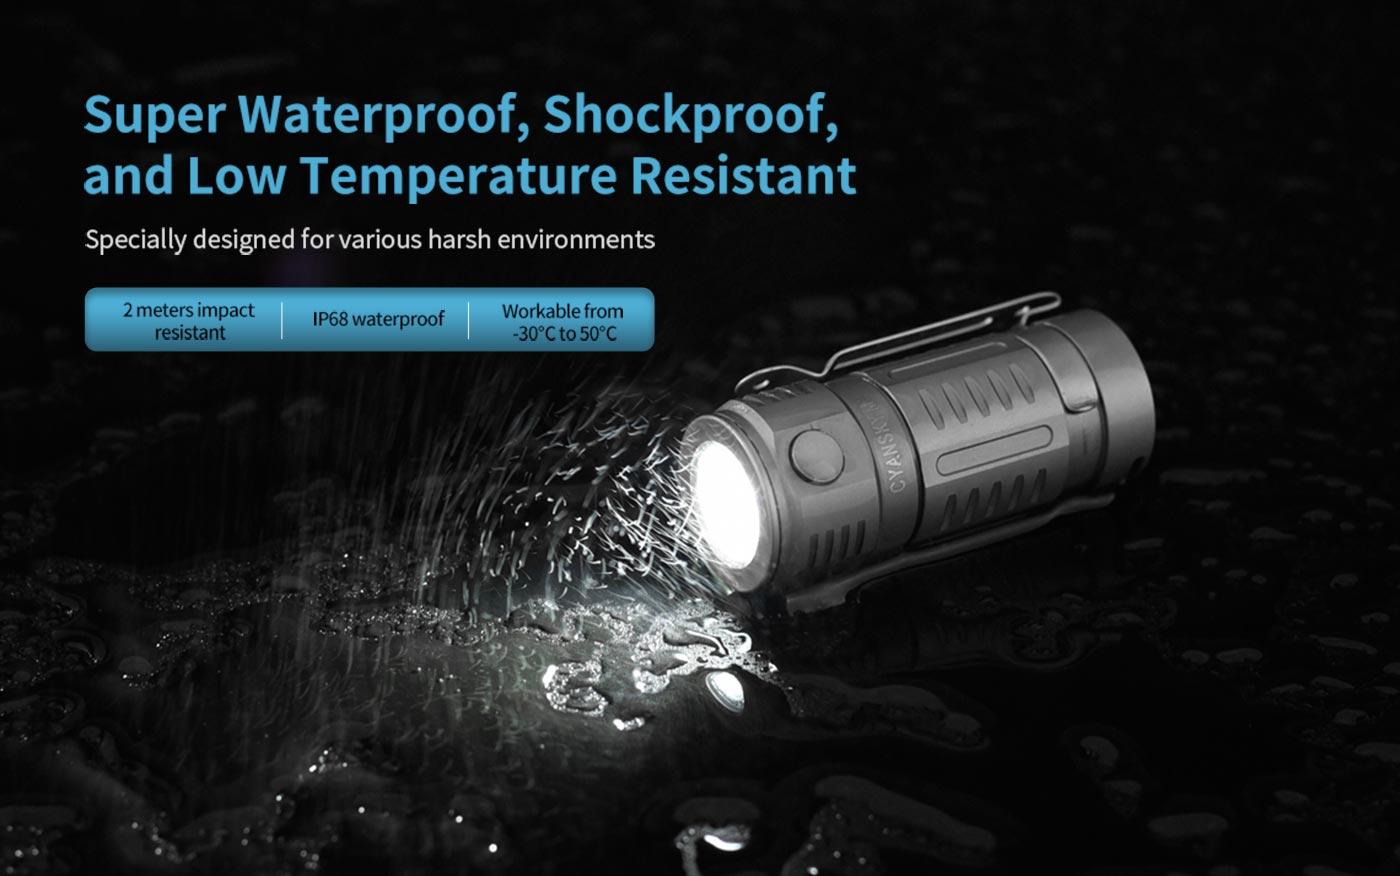 waterproof led flashlight, led flashlight for bad weather, super tough led flashlight